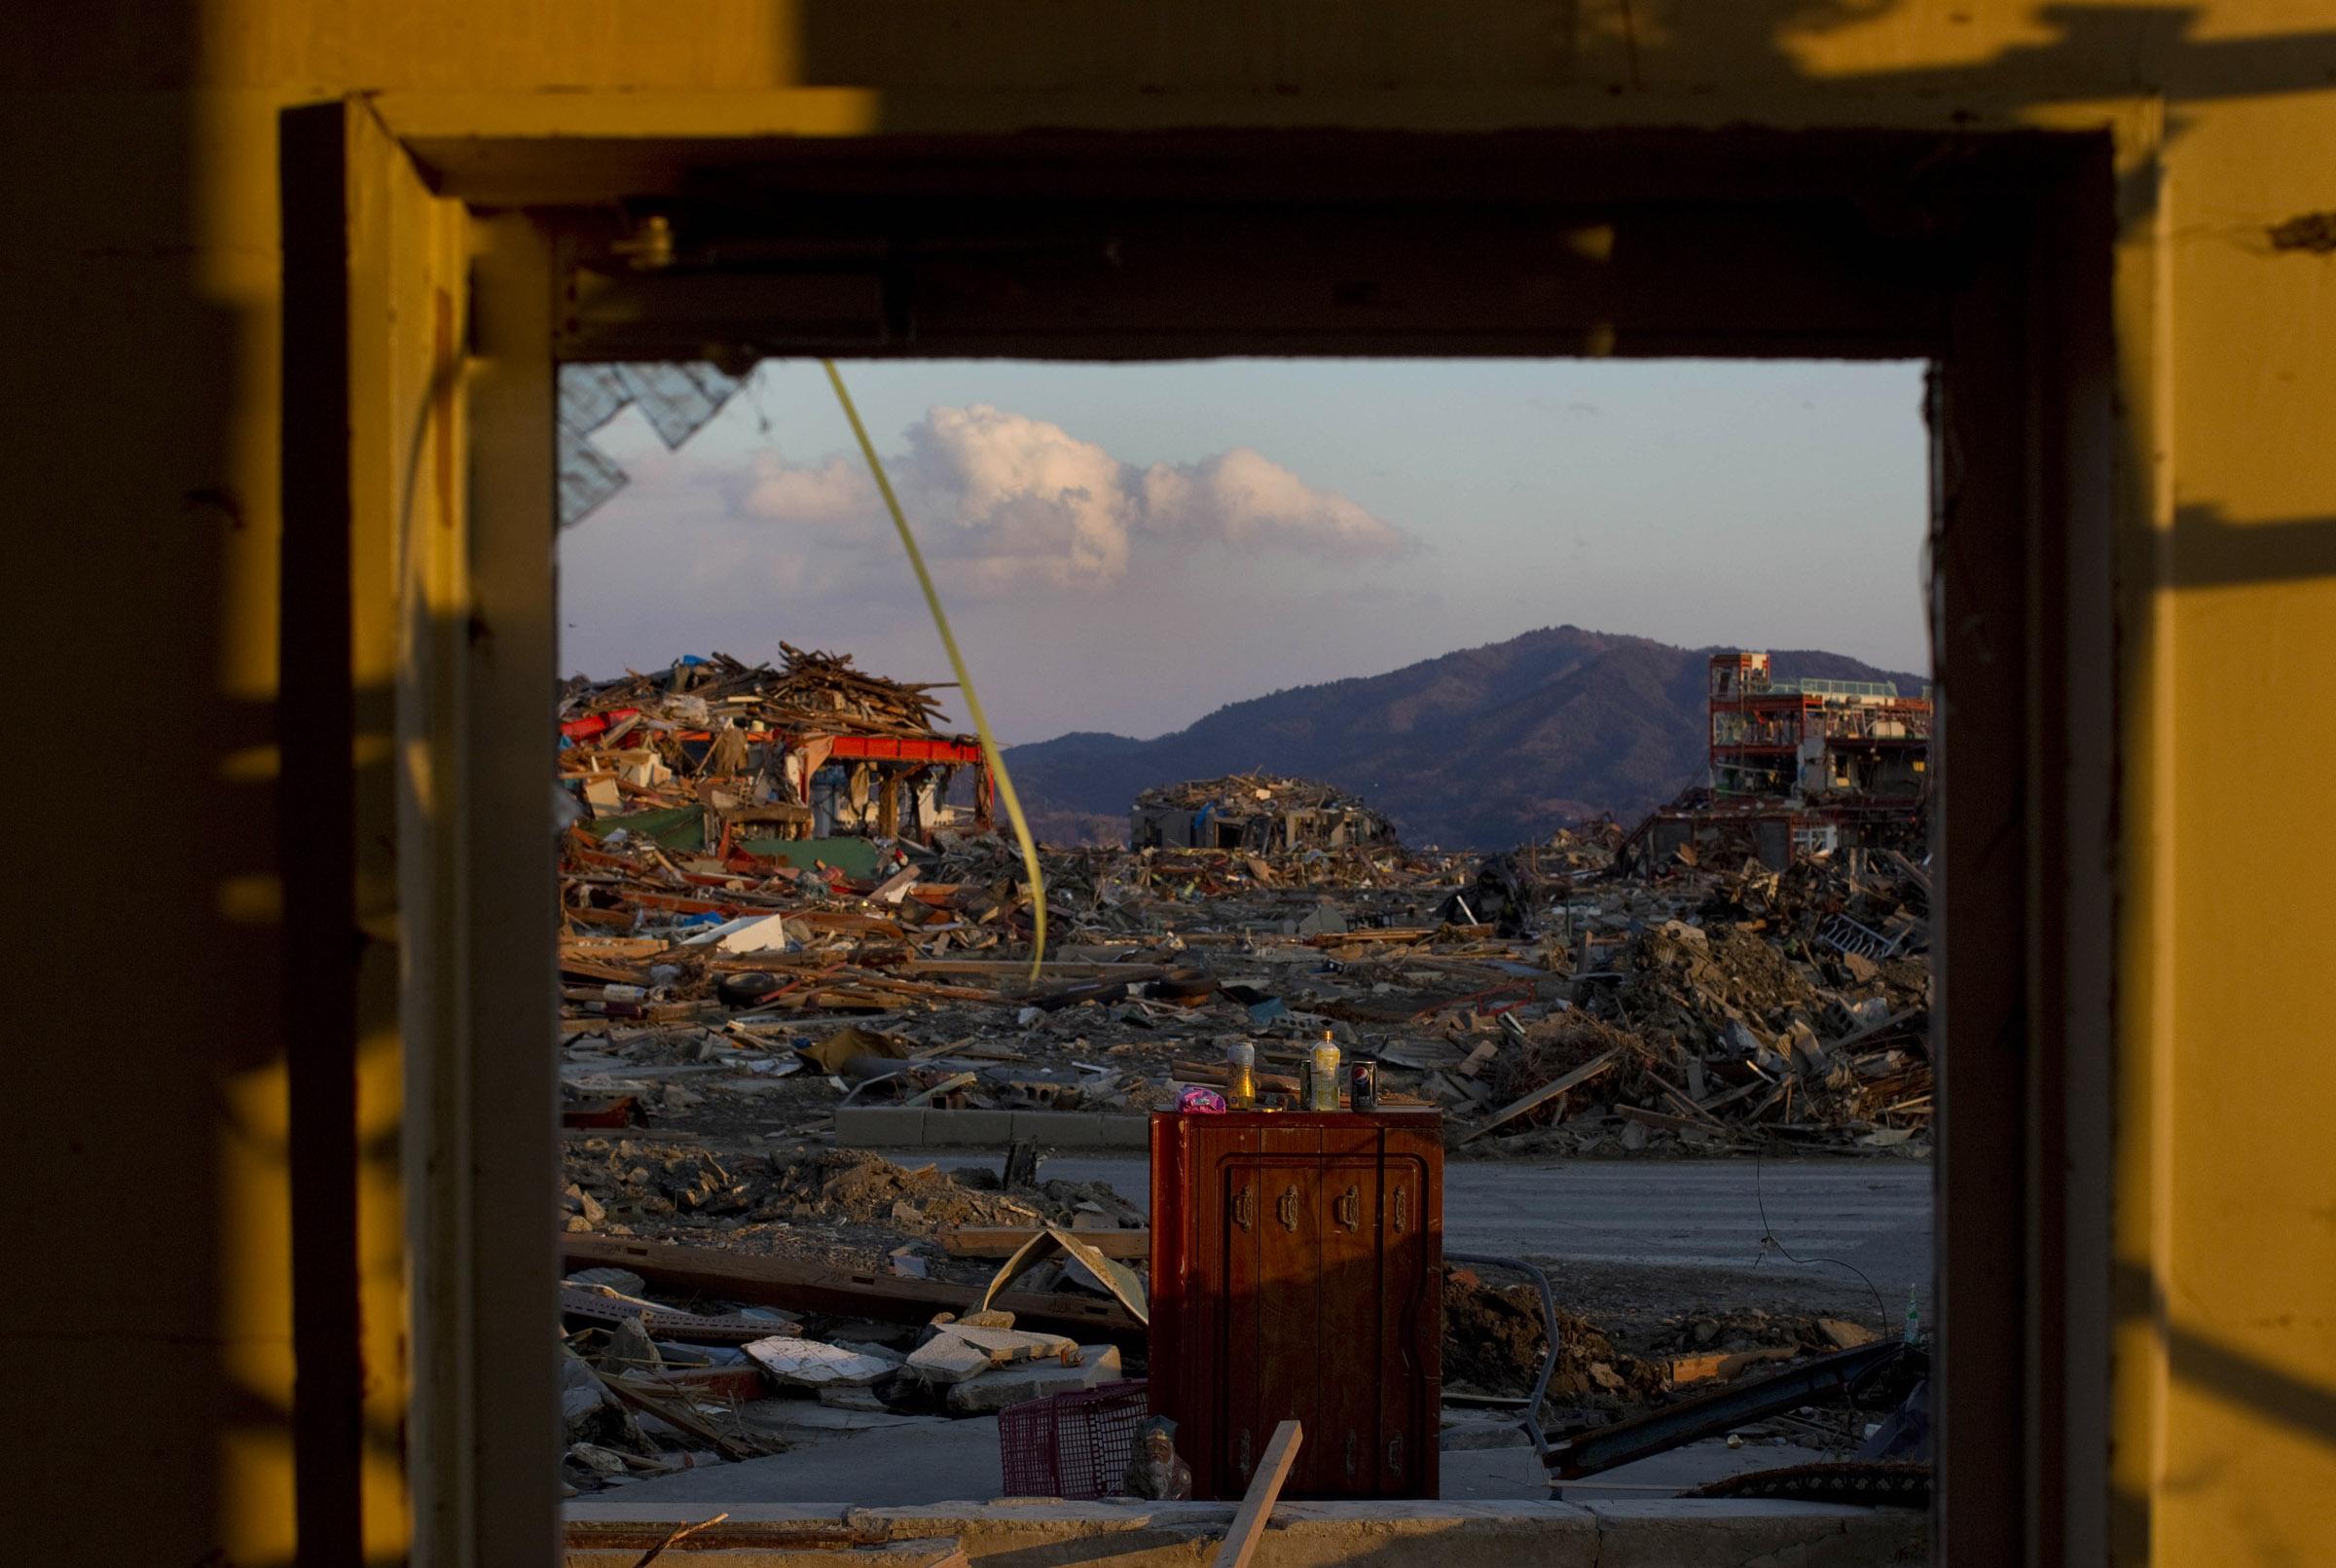 JapanTsunami113.jpg